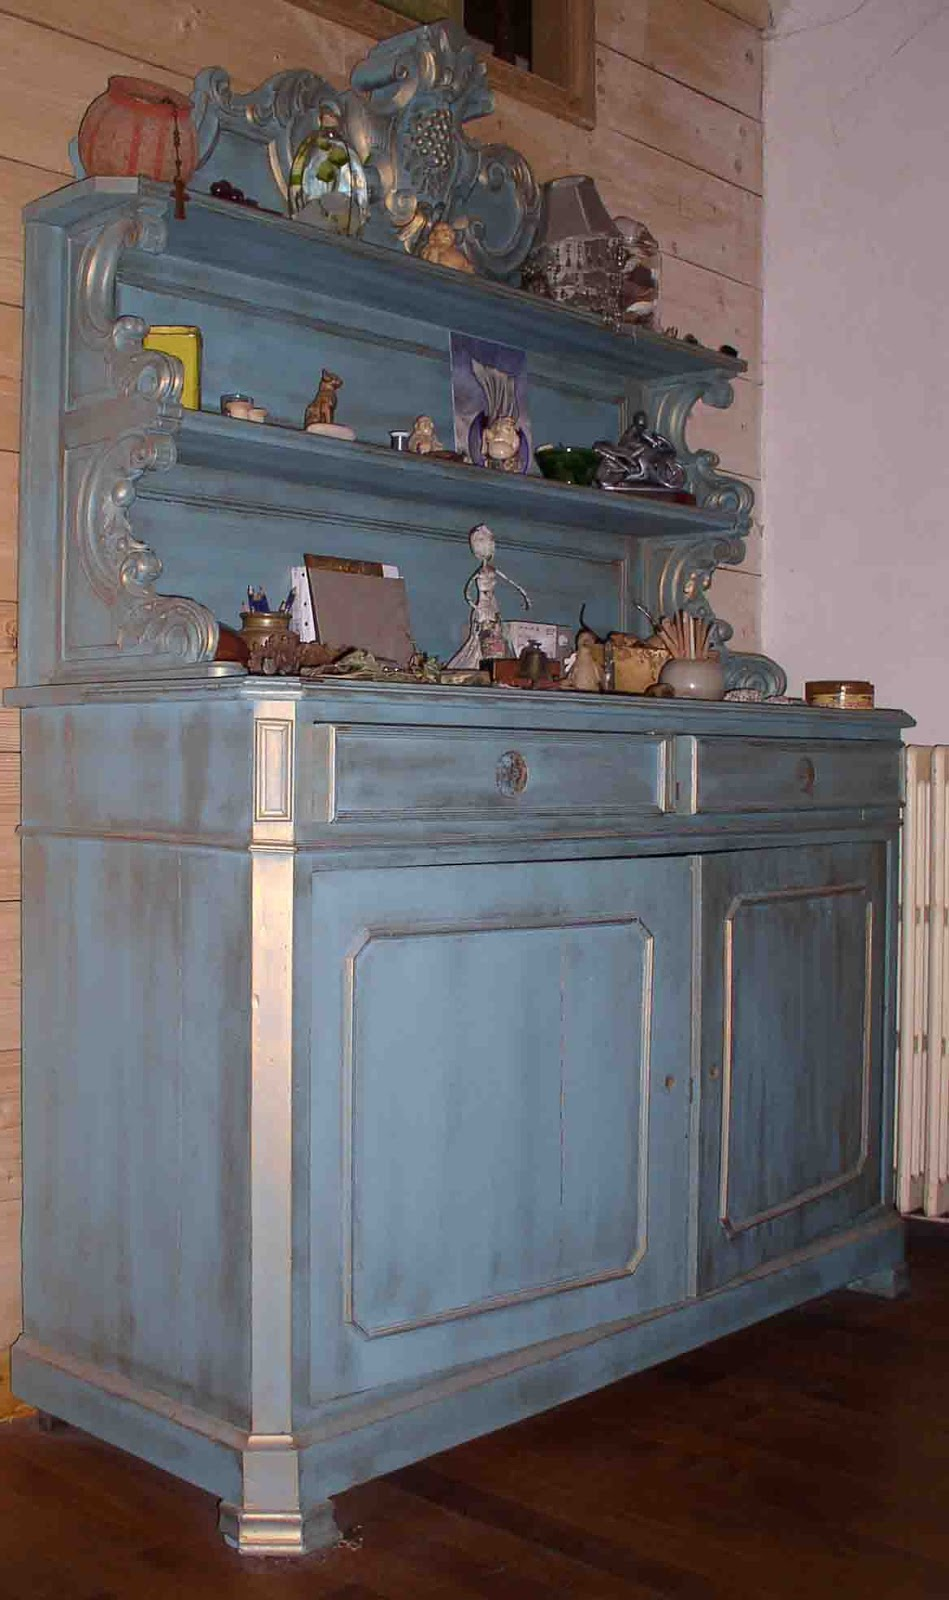 Dix vag 39 actions restauration de meuble ancien for Restauration meuble ancien